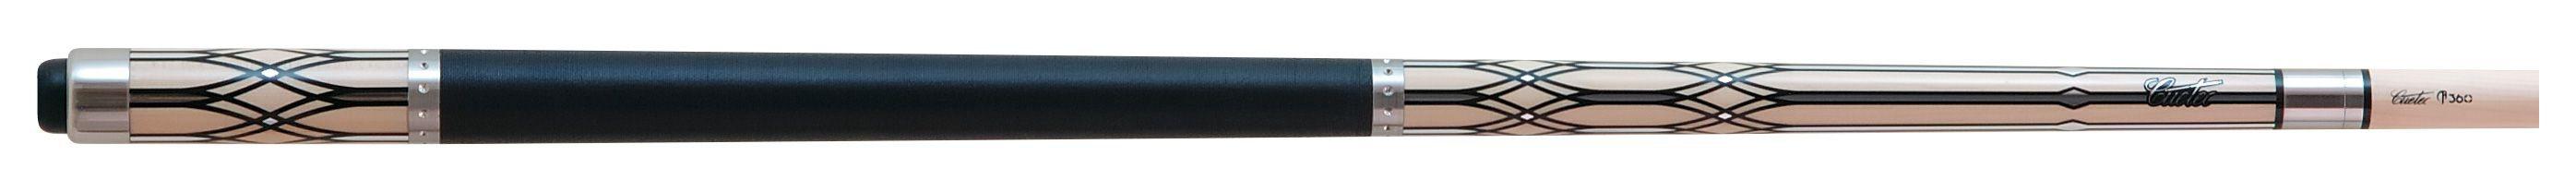 【廃盤】rcシリーズキュー rc-909 (r360シャフト装備/cuetec) 商品画像